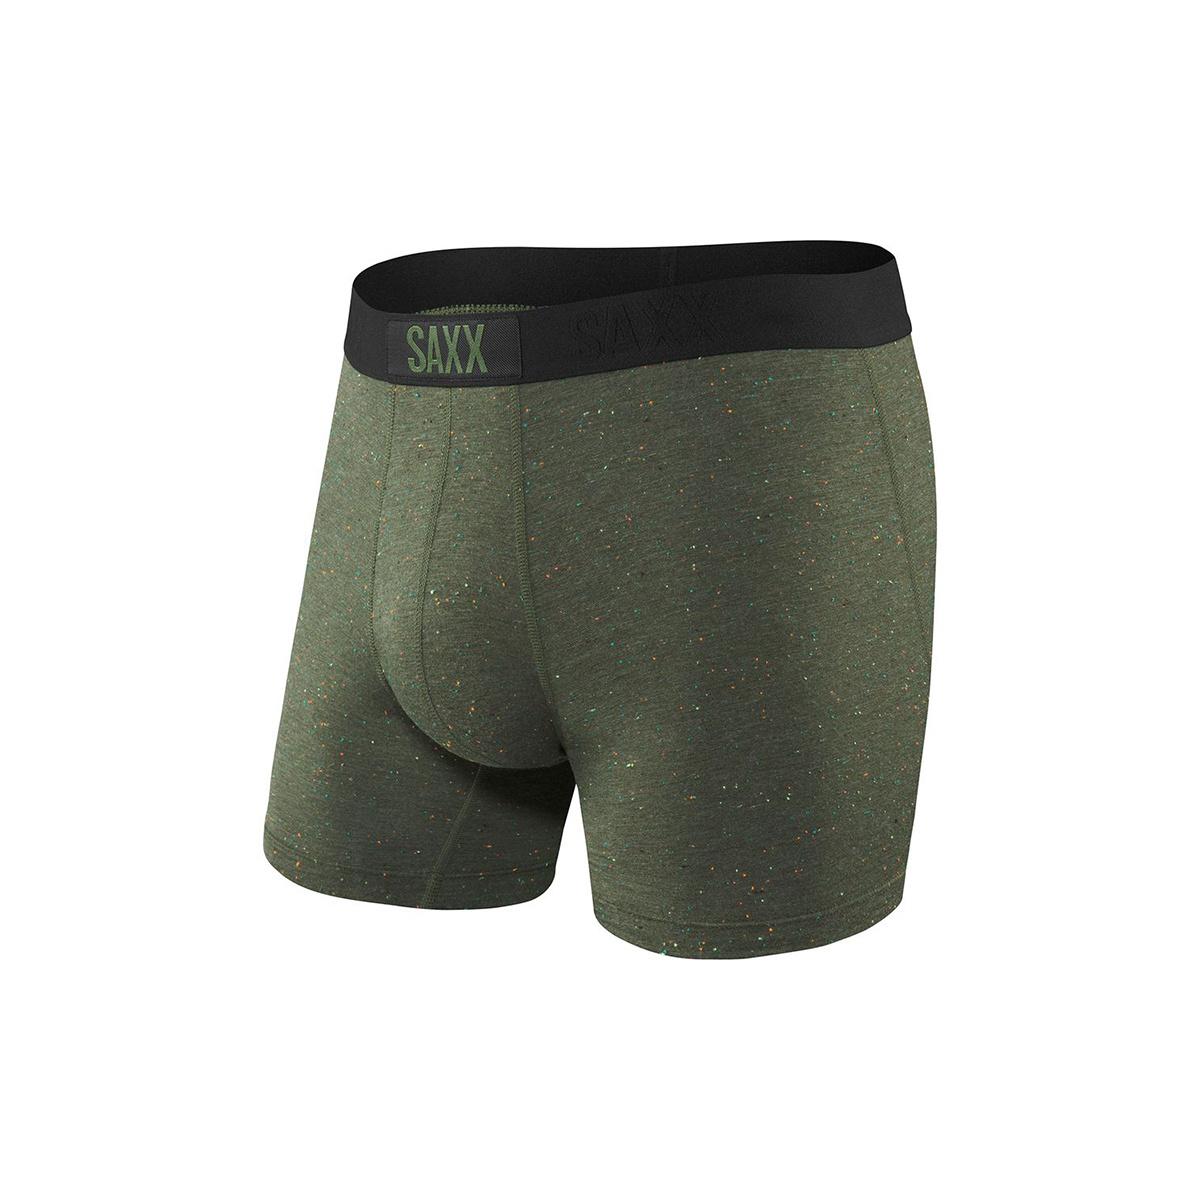 online zum Verkauf anerkannte Marken großer Diskontverkauf Saxx Underwear Co. Saxx Vibe Boxer Modern Fit